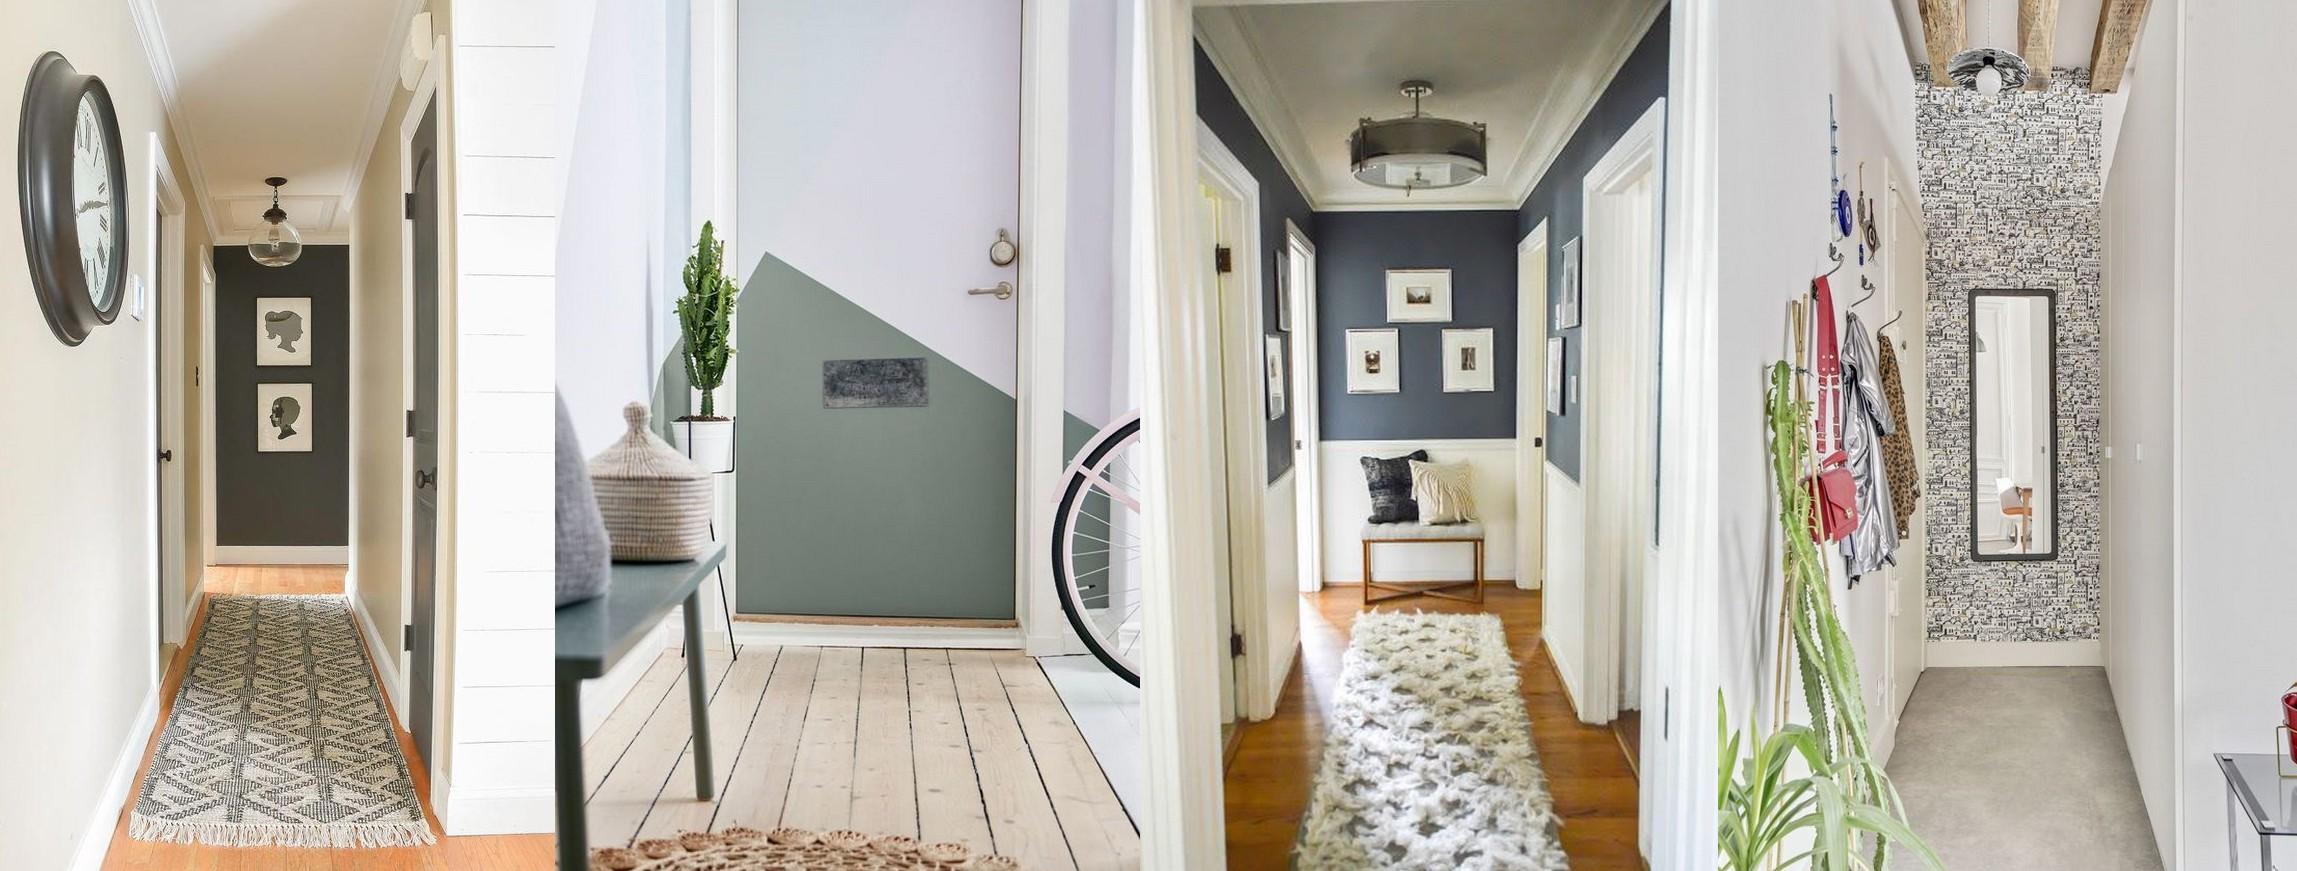 Couloirs (2).jpg